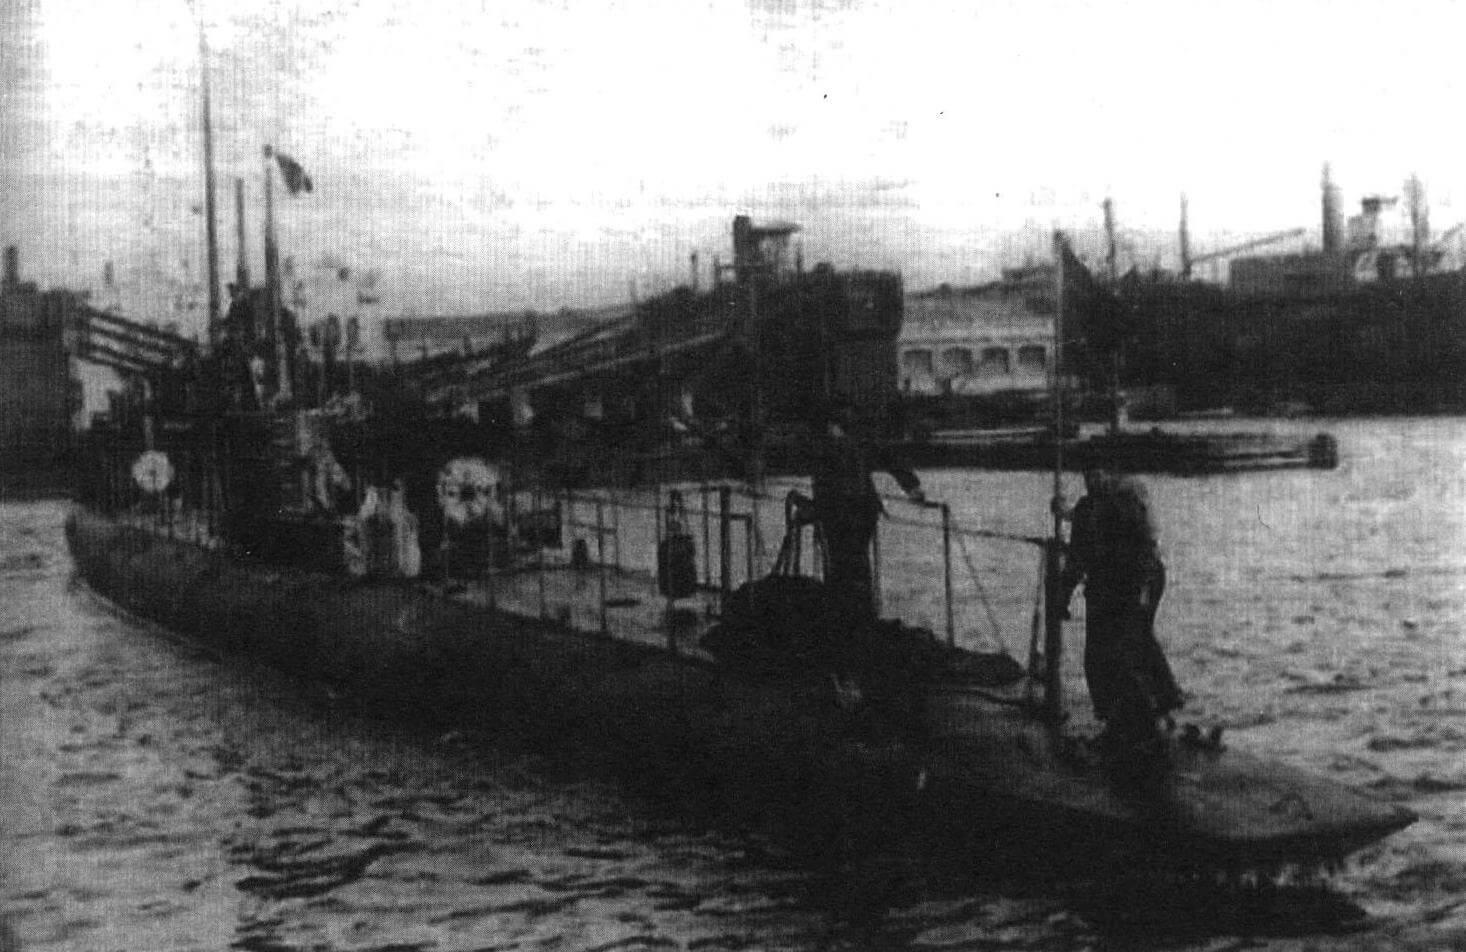 Подводная лодка «А-1» (Испания, 1917 г.) Строилась на верфи «ФИАТ - Сан-Джорджио» в Специи, Италия. Тип конструкции - однокорпусный. Водоизмещение надводное/подводное 260/320 т. Размеры: длина 46,63 м, ширина 4,22 м, осадка 3,40 м. Глубина погружения - до 45 м. Двигатель: два дизеля, мощность 700 л.с. + два электромотора, мощность 500 л.с., скорость надводная/подводная 12,5/8 уз. Вооружение: два 450-мм торпедных аппарата в носу (четыре торпеды), одно 75-мм орудие. Экипаж: 19 чел. В 1917 г. построены три единицы, «А-1» - «А-3». Все исключены из списков в 1930 - 1934 годах и сданы на слом.